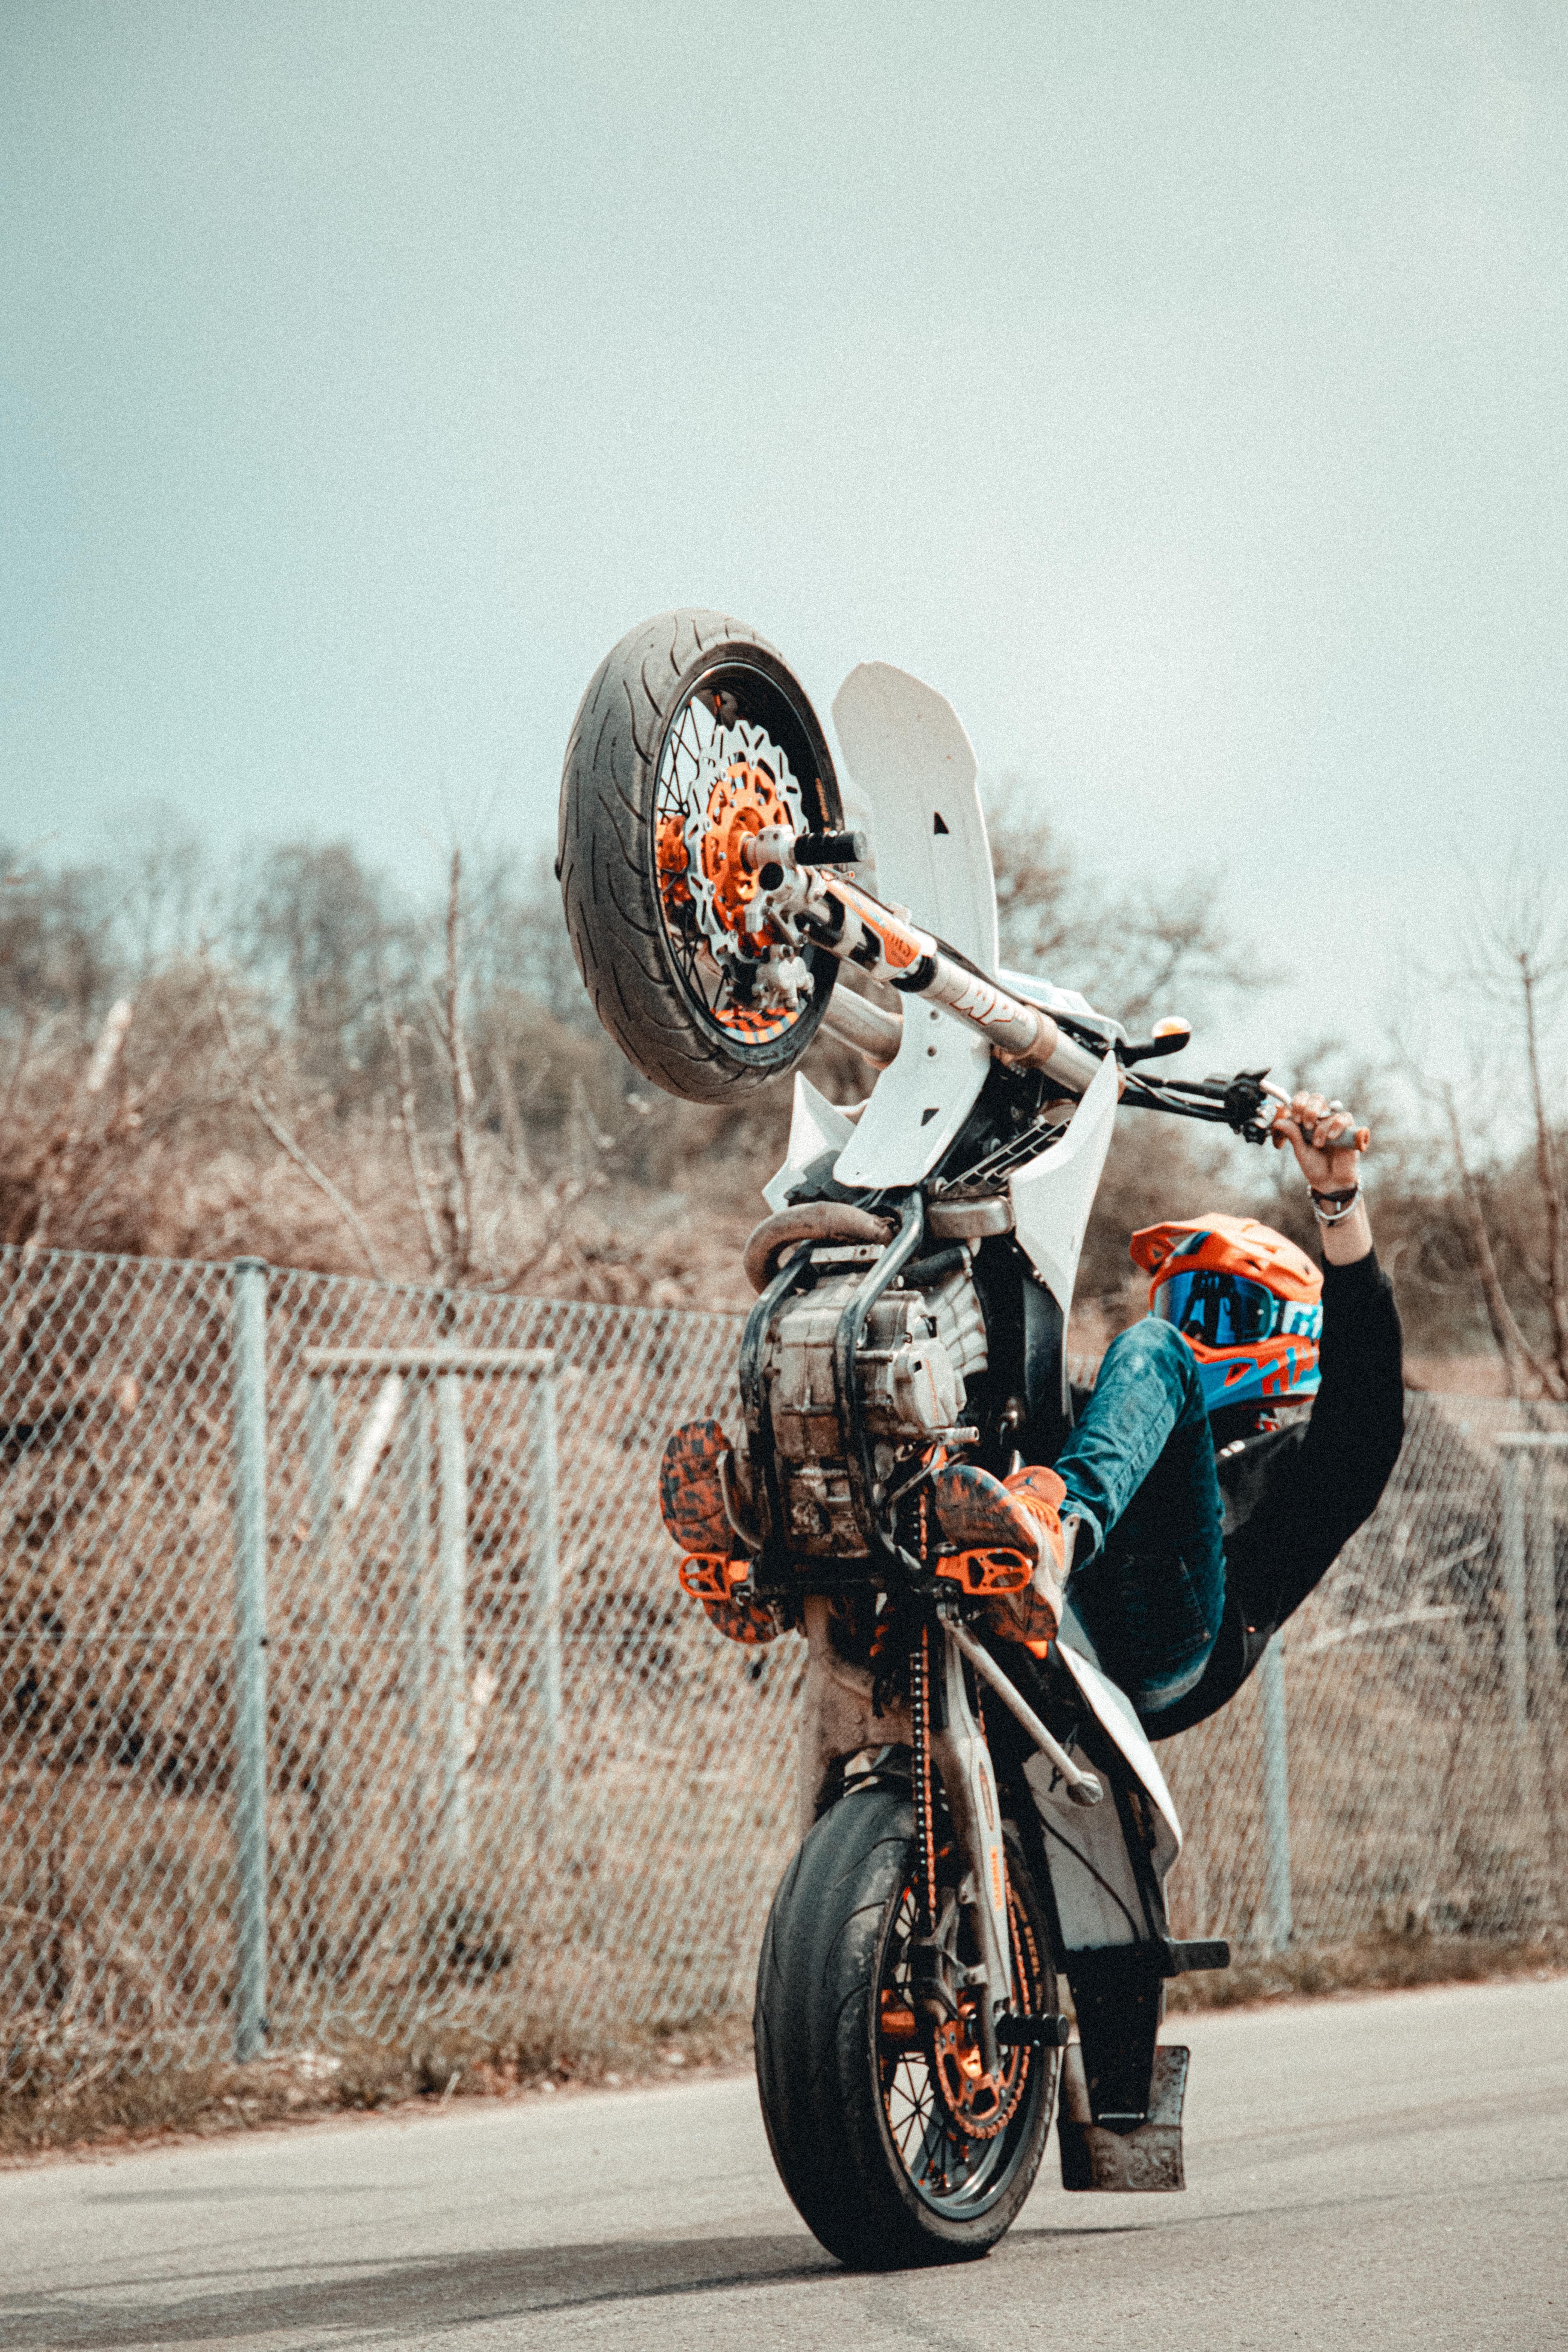 52260 Заставки и Обои Мотоциклы на телефон. Скачать Мотоциклы, Мотоциклист, Шлем, Мотоцикл, Трюк картинки бесплатно